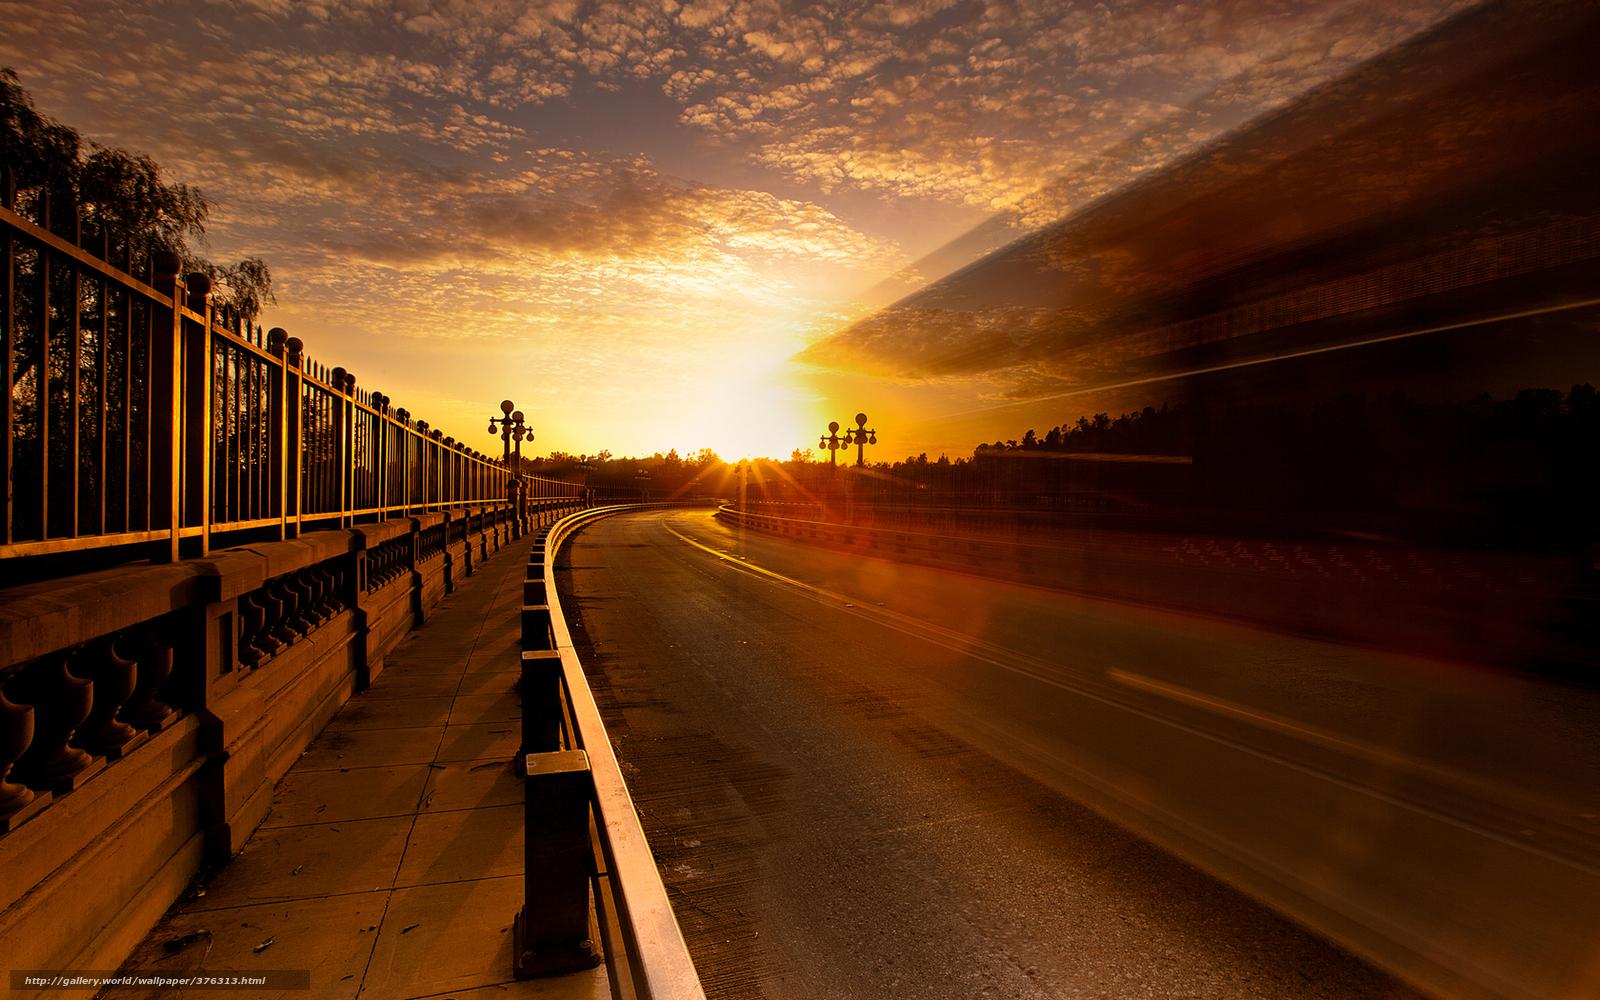 Картинки заката солнца в городе